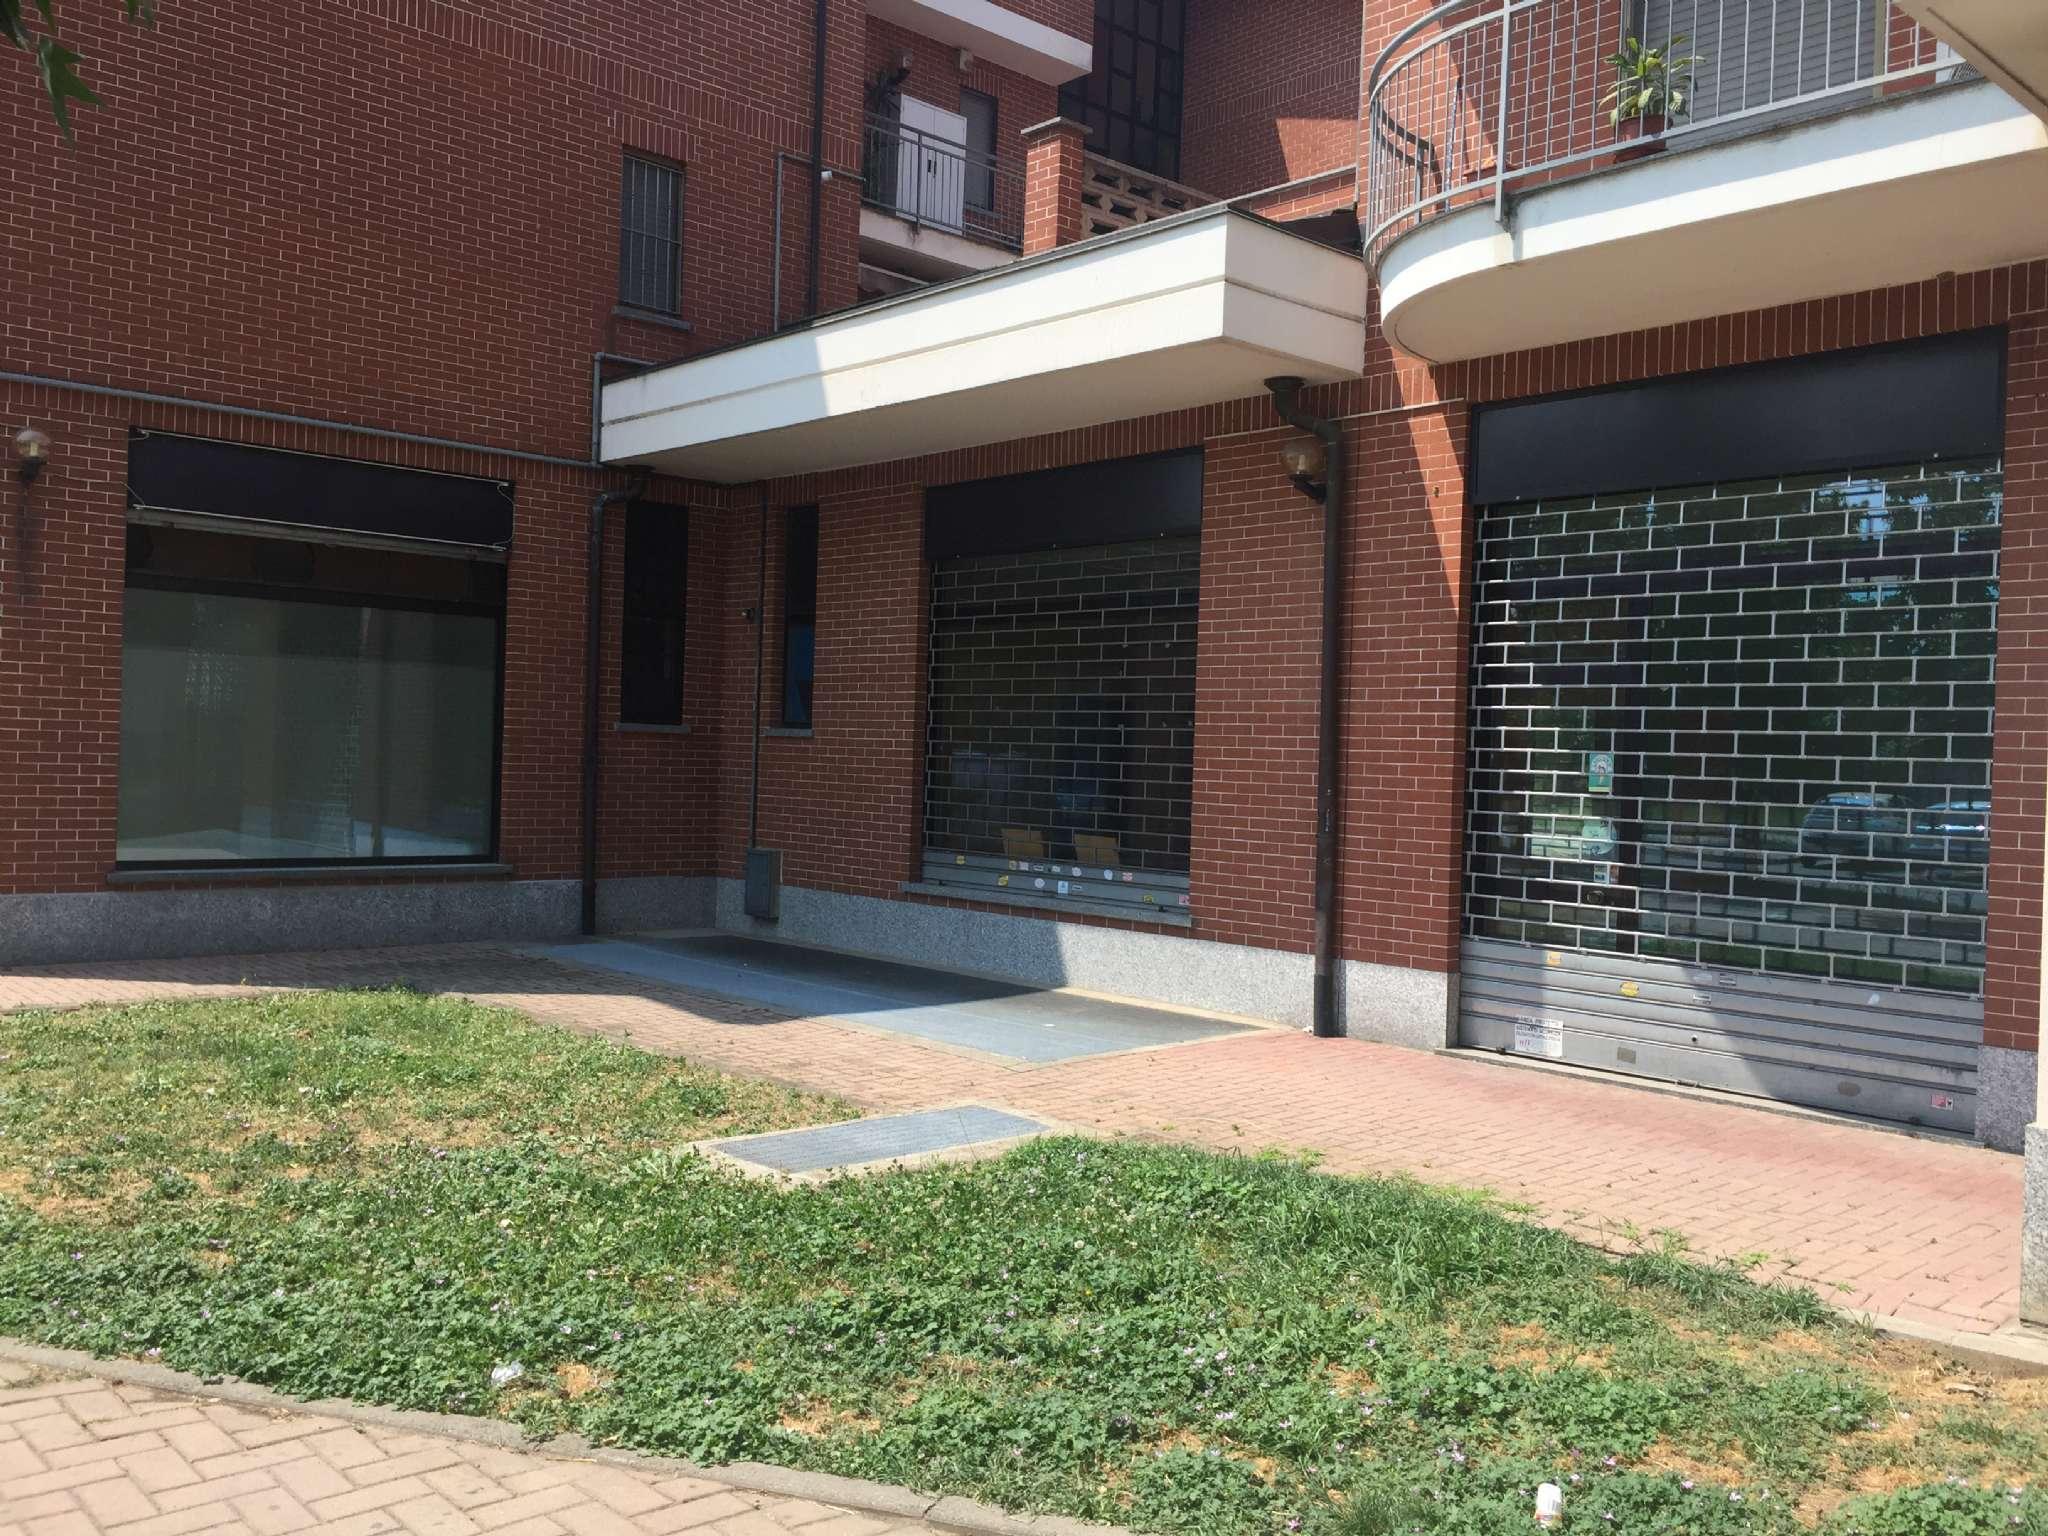 Immobili commerciali in affitto a nichelino for Immobili commerciali in affitto a roma